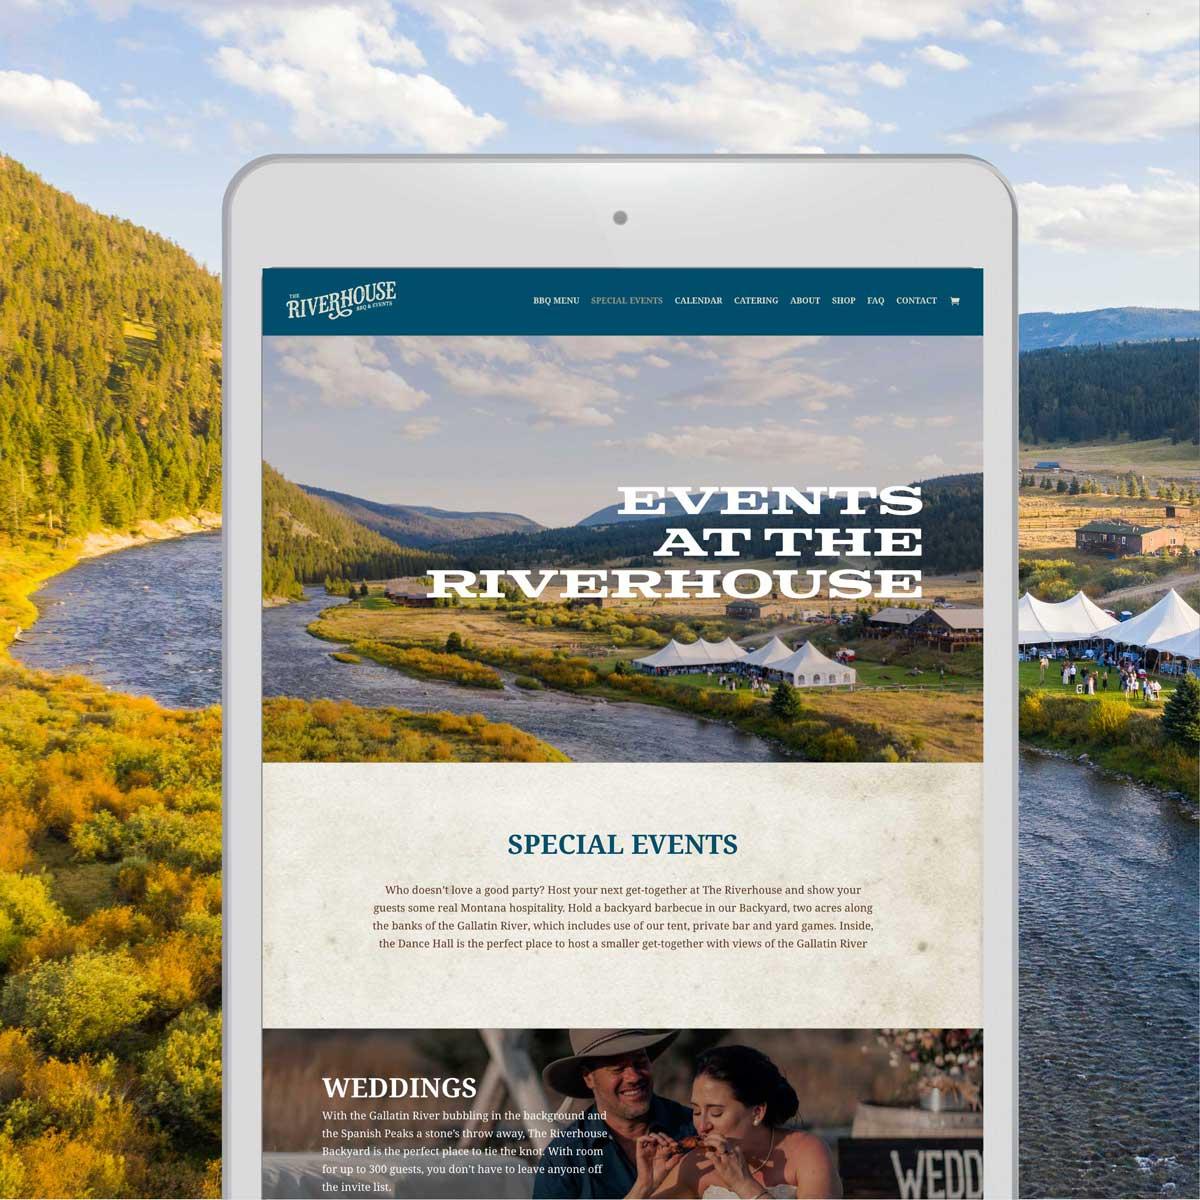 Riverhouse homepage mockup on an ipad